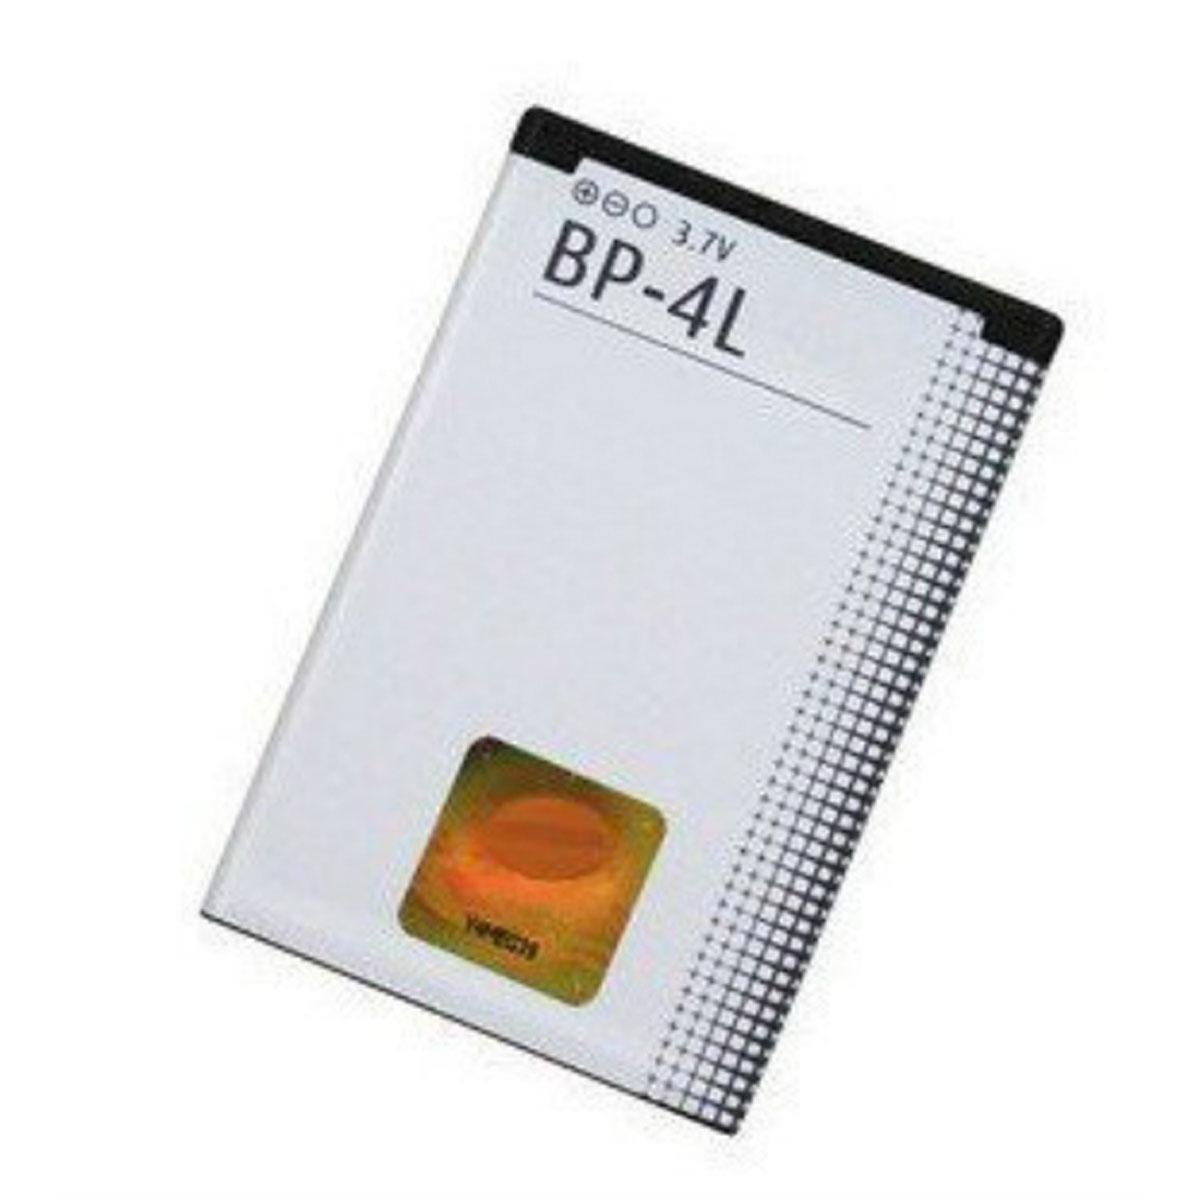 Batería nokia e90/e61i bp-4l para nokia